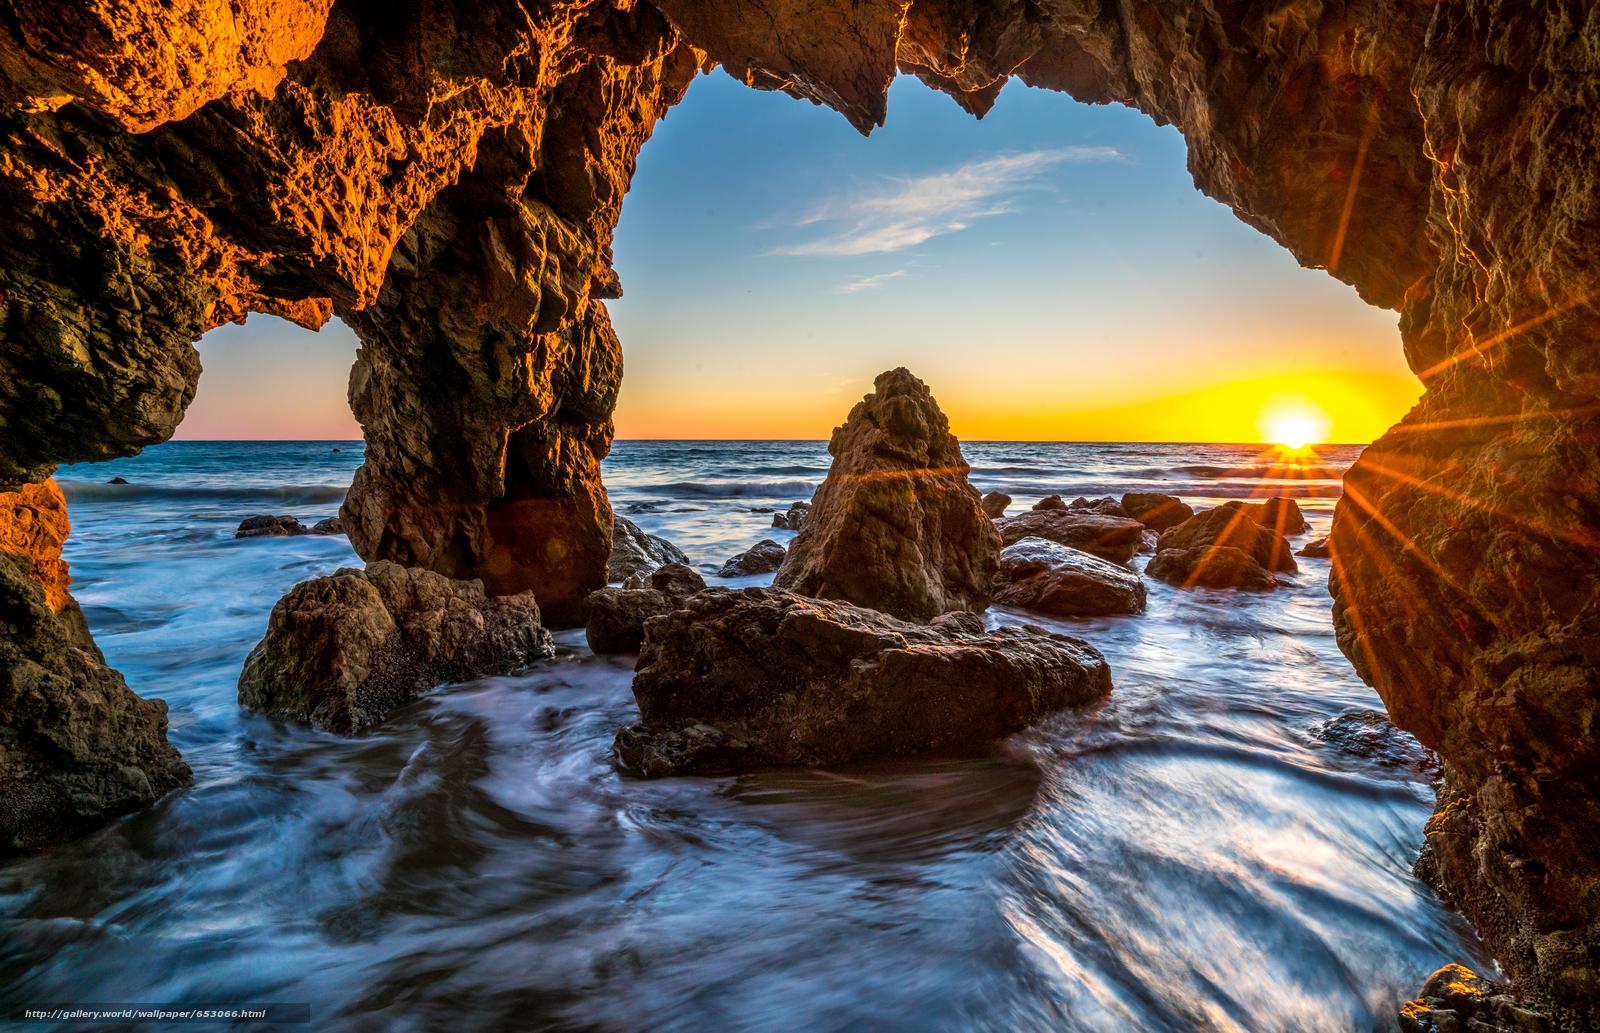 Скачать обои Malibu,  закат,  море,  волны бесплатно для рабочего стола в разрешении 7746x5002 — картинка №653066